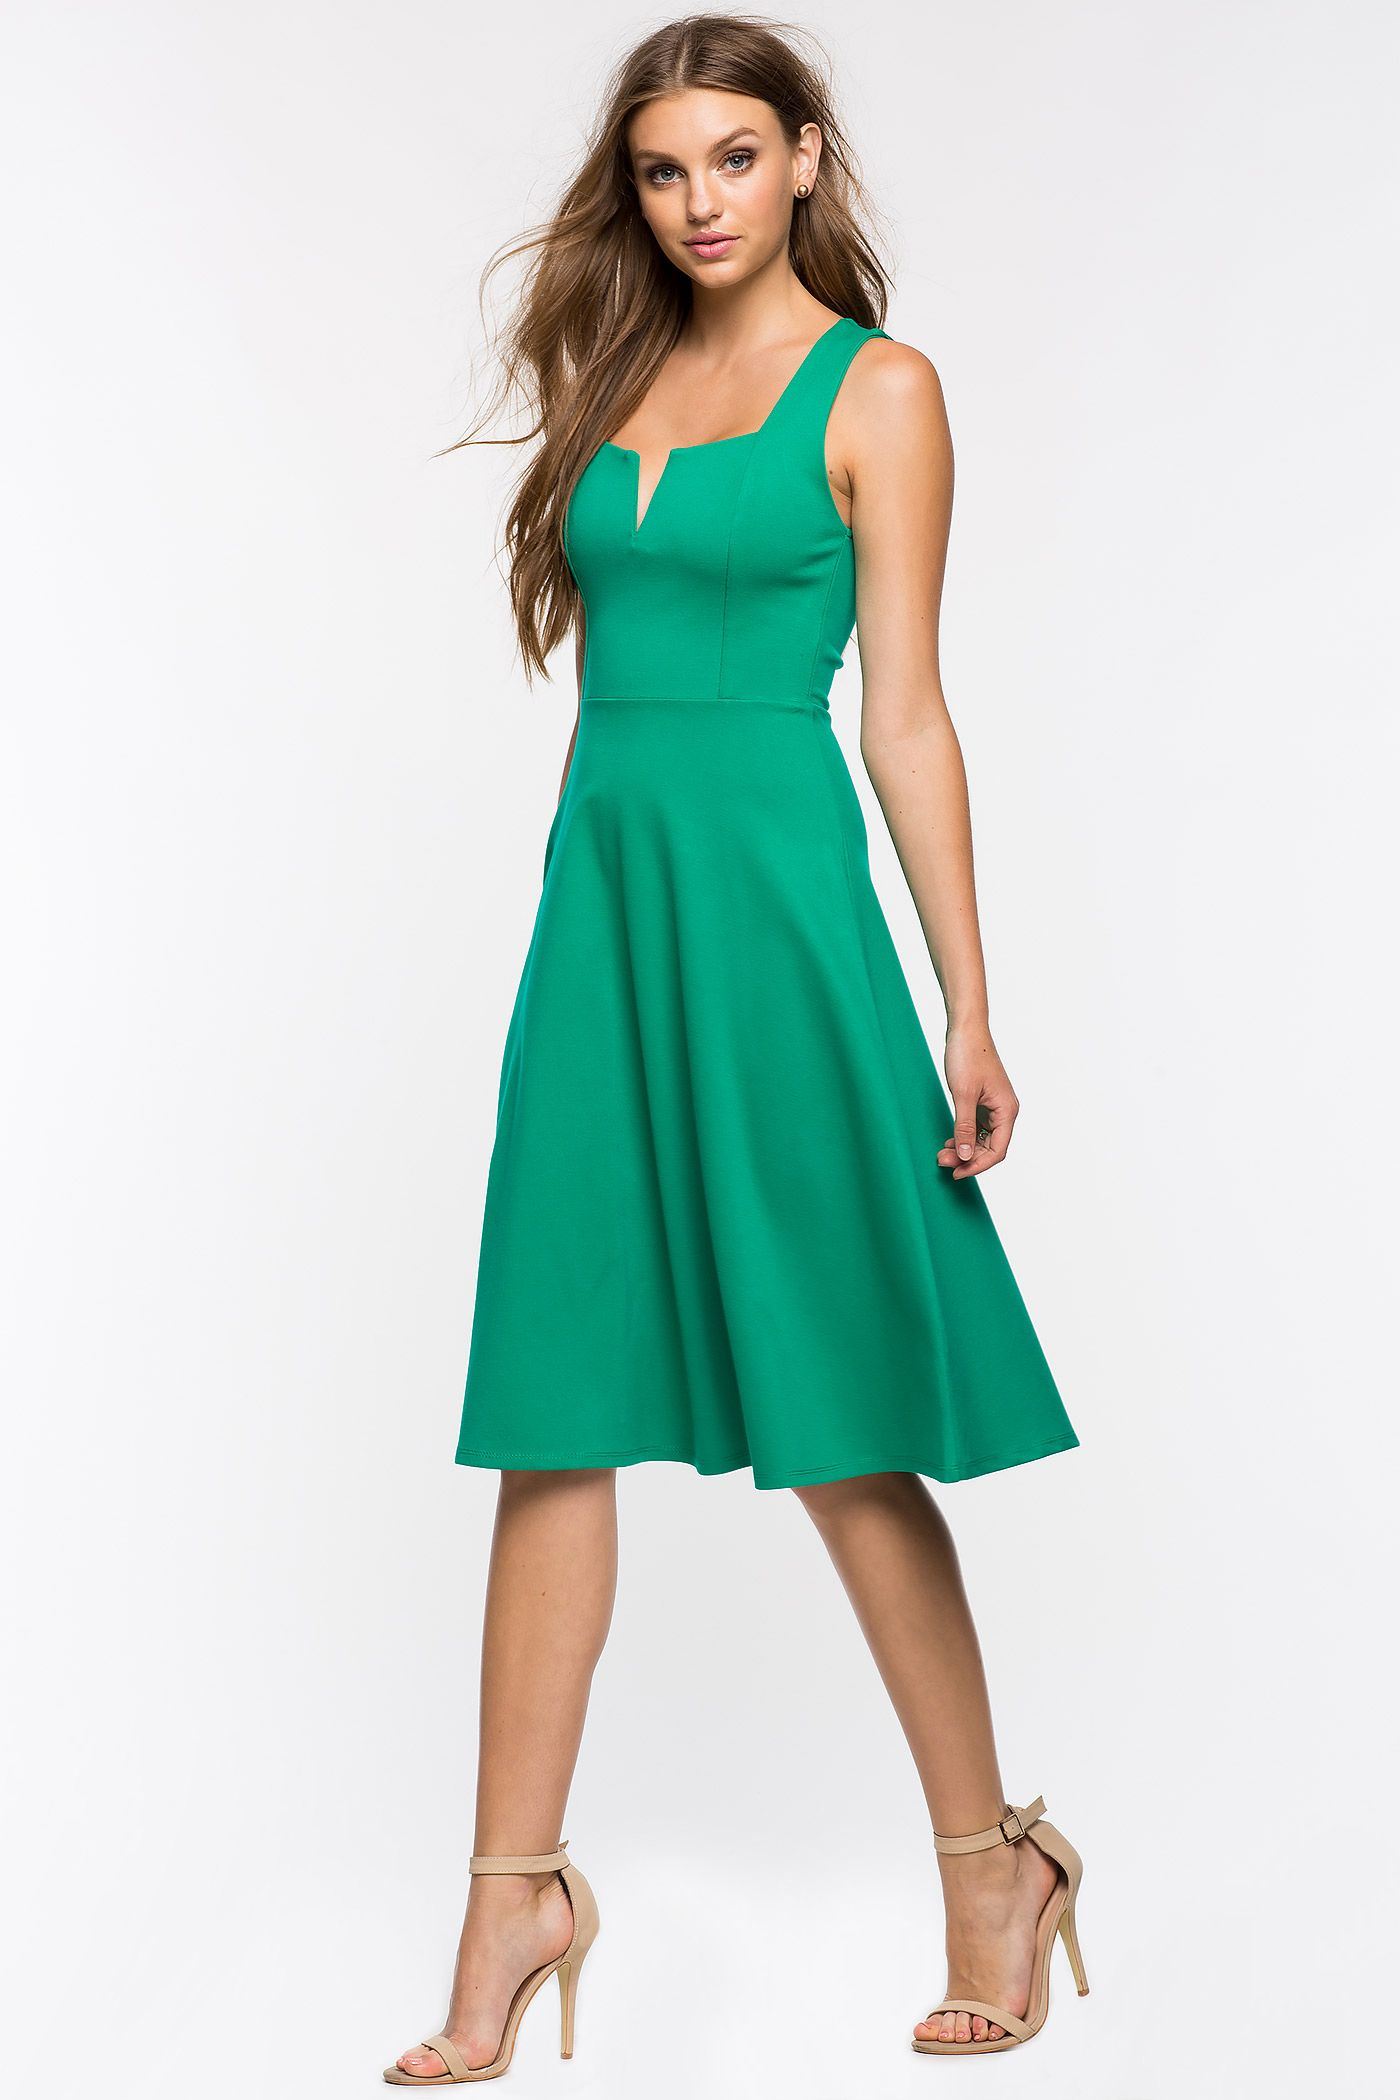 Kohl's Maxi Dresses for Women